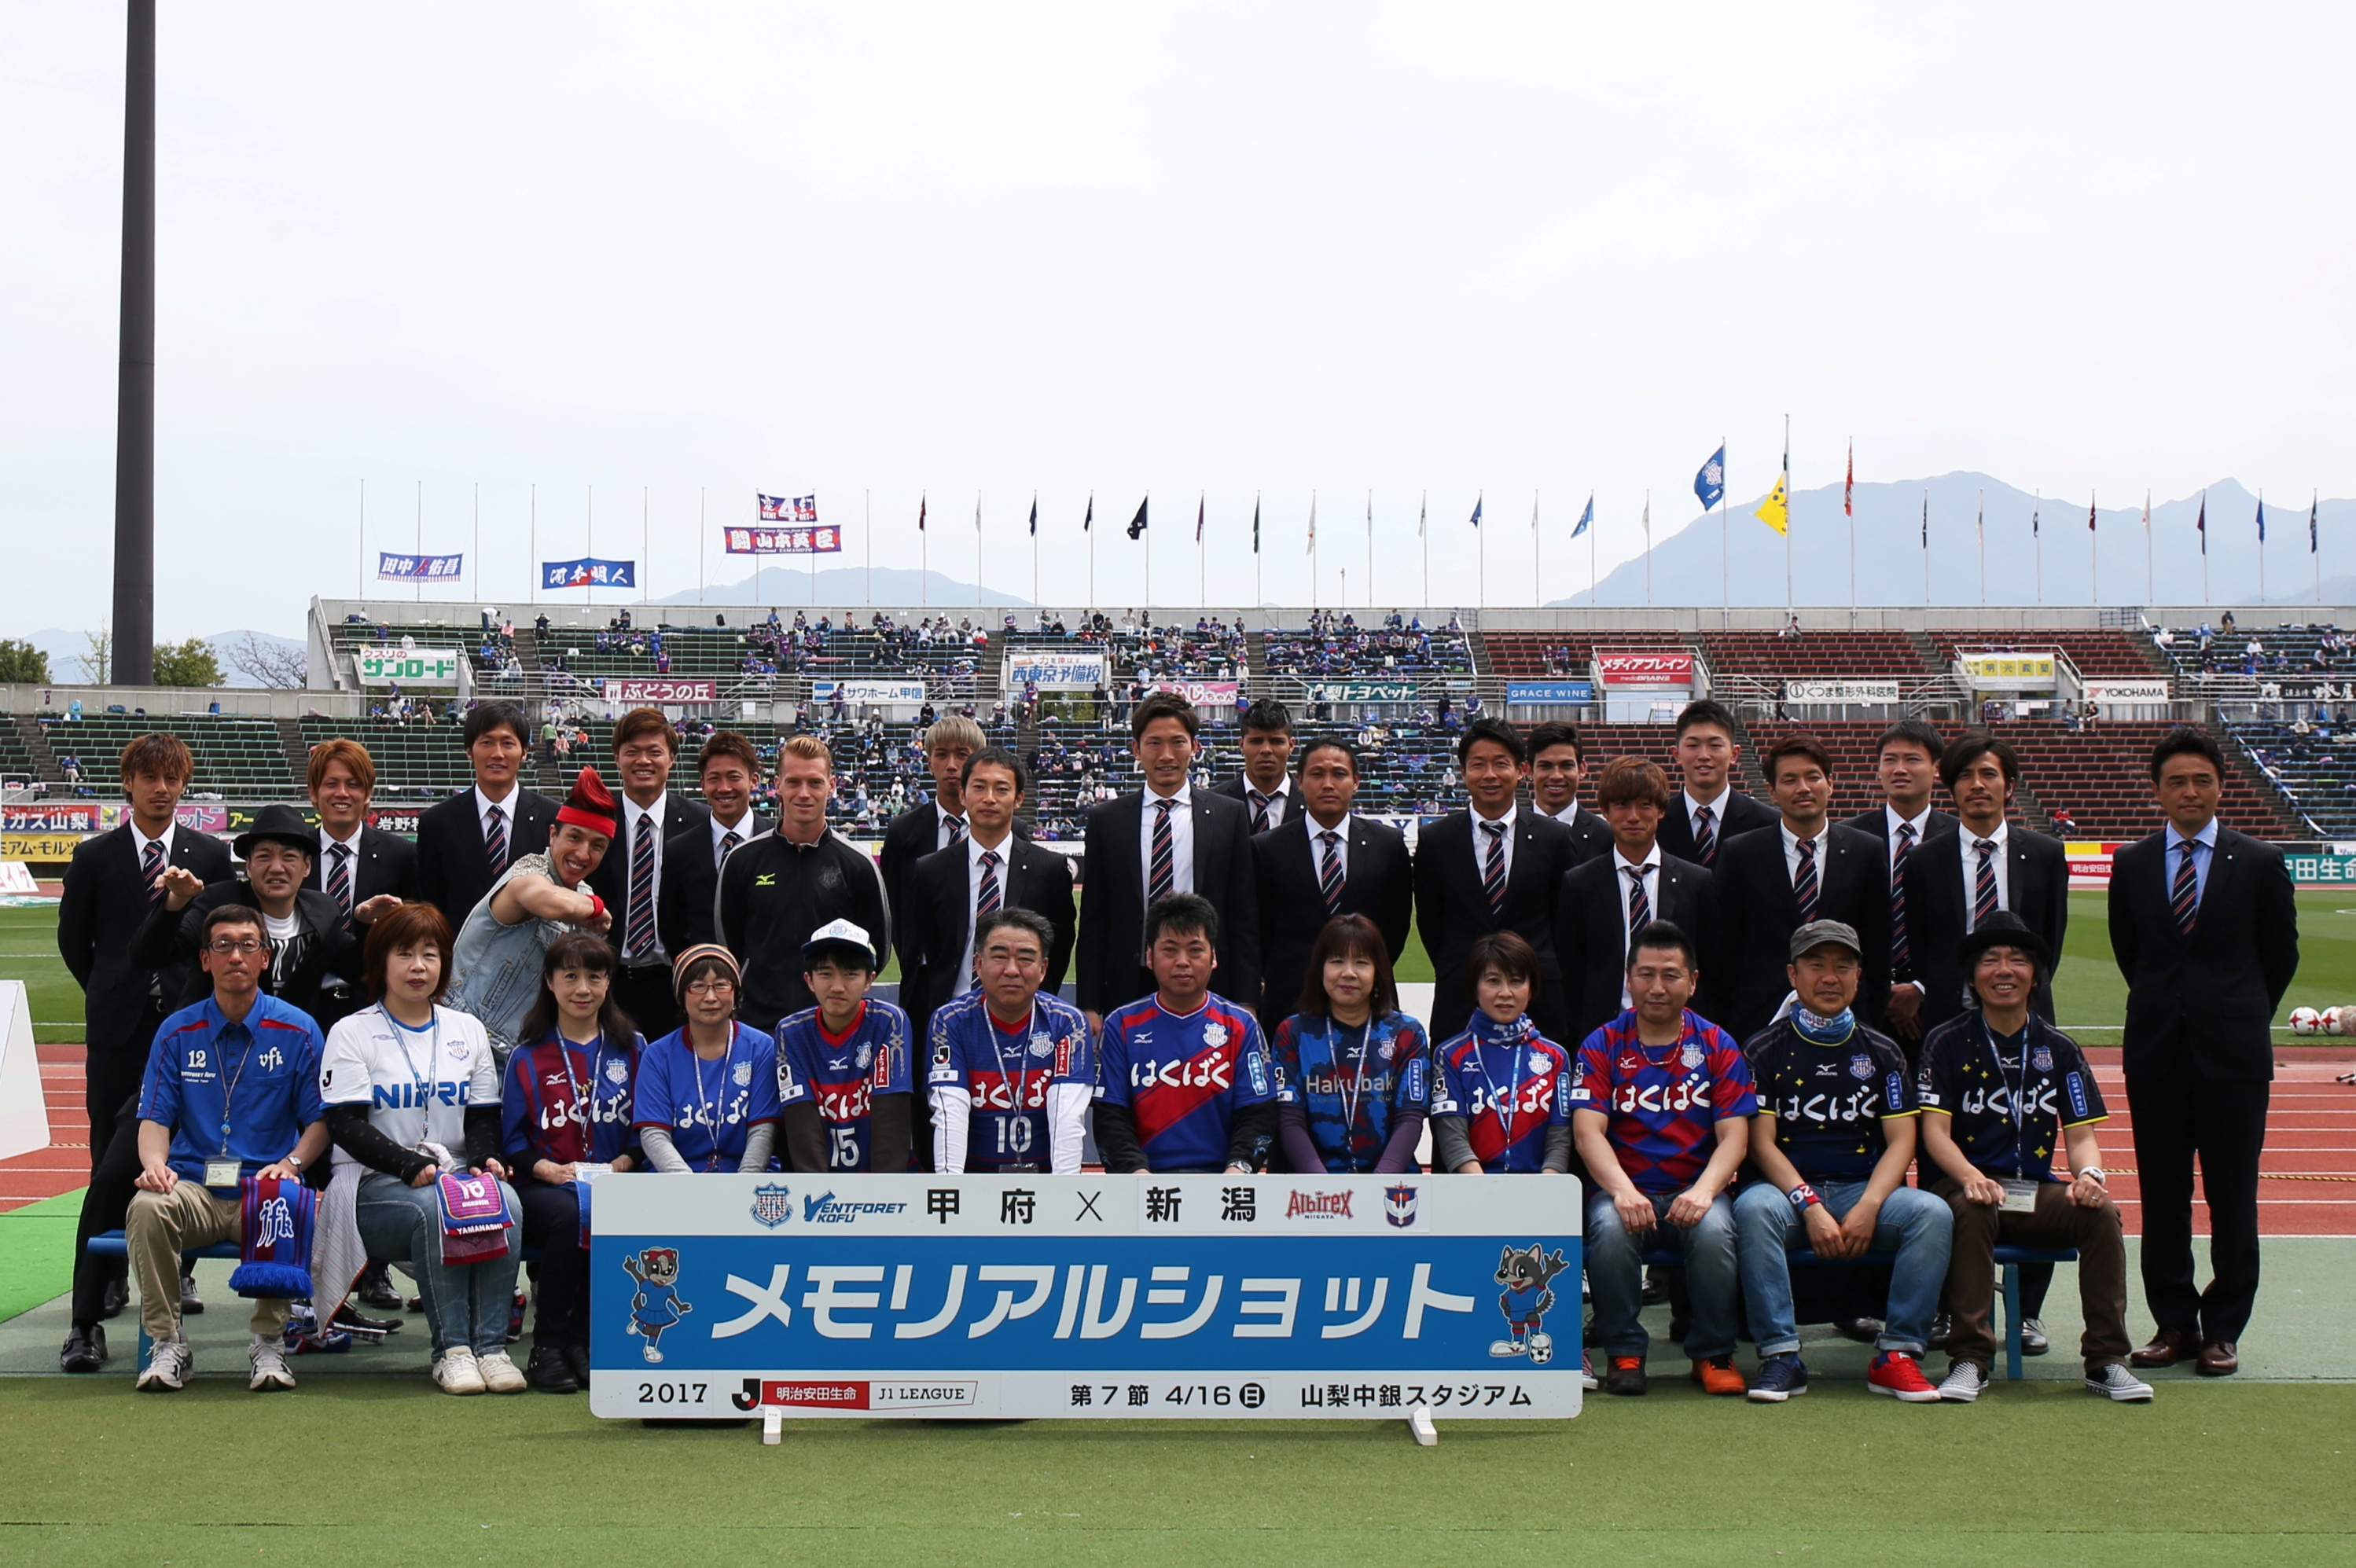 ヴァンフォーレ甲府公式サイト Ventforet Kofu Official Website